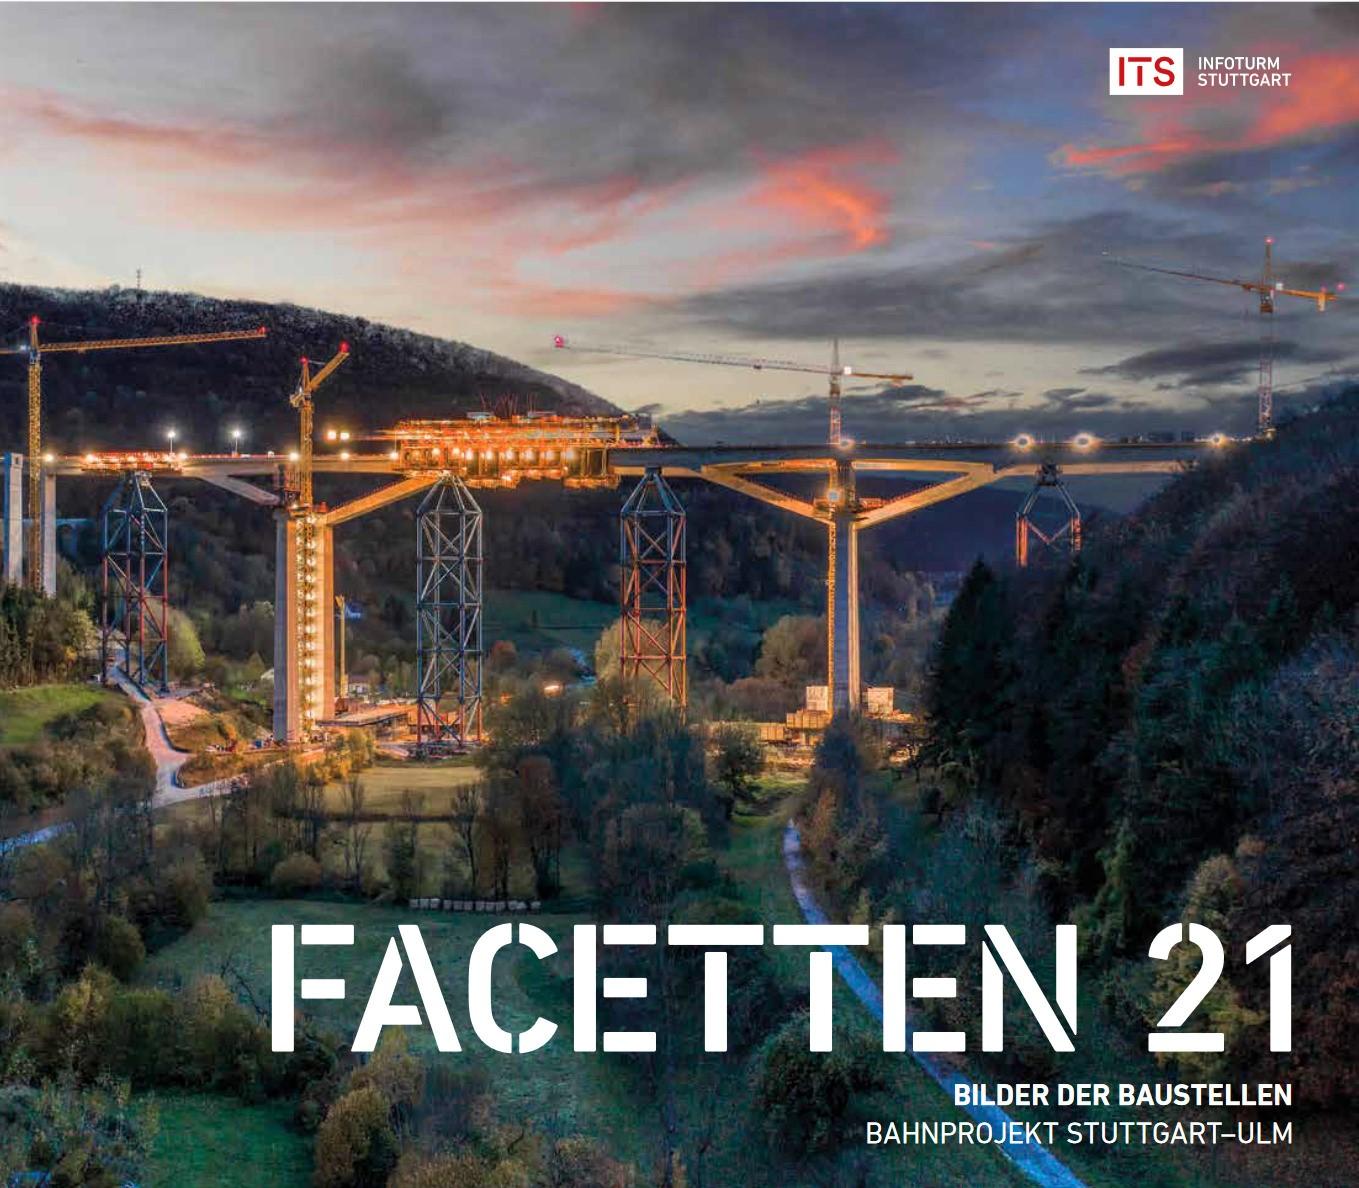 Cover der 2. Auflage des Bildbandes Facetten 21